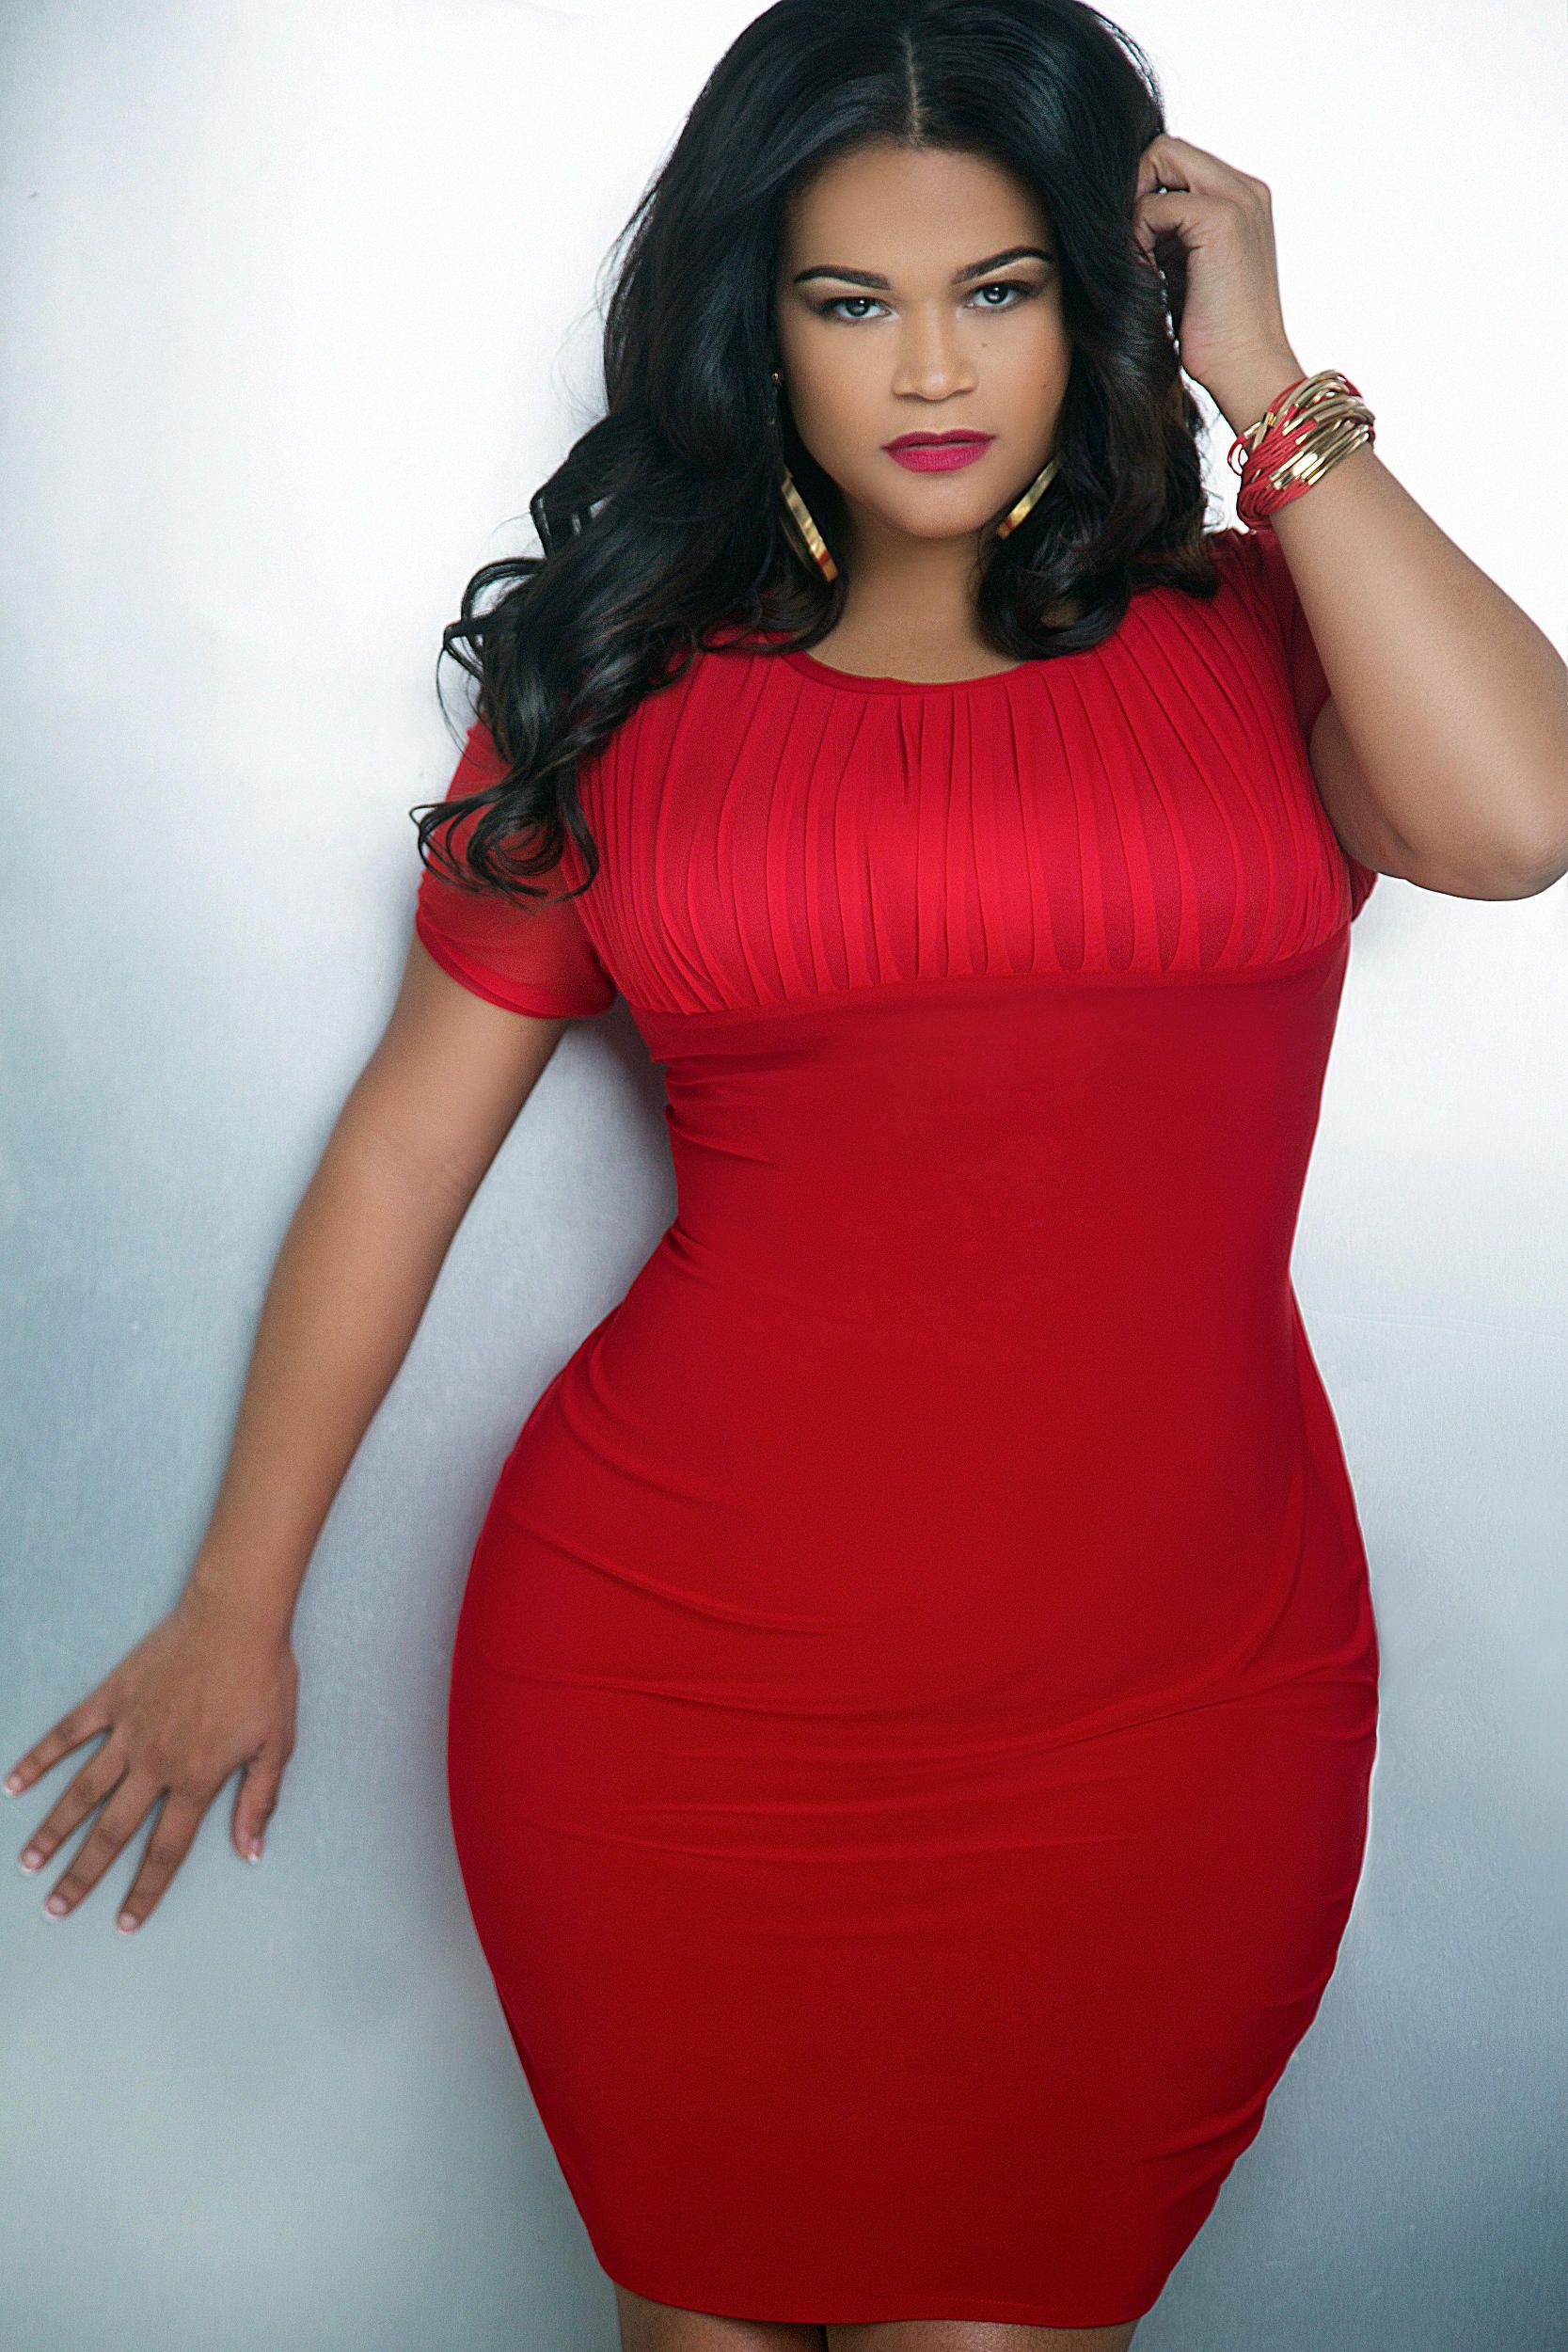 93b36e8b4ec Plus Size Model Christina Mendez